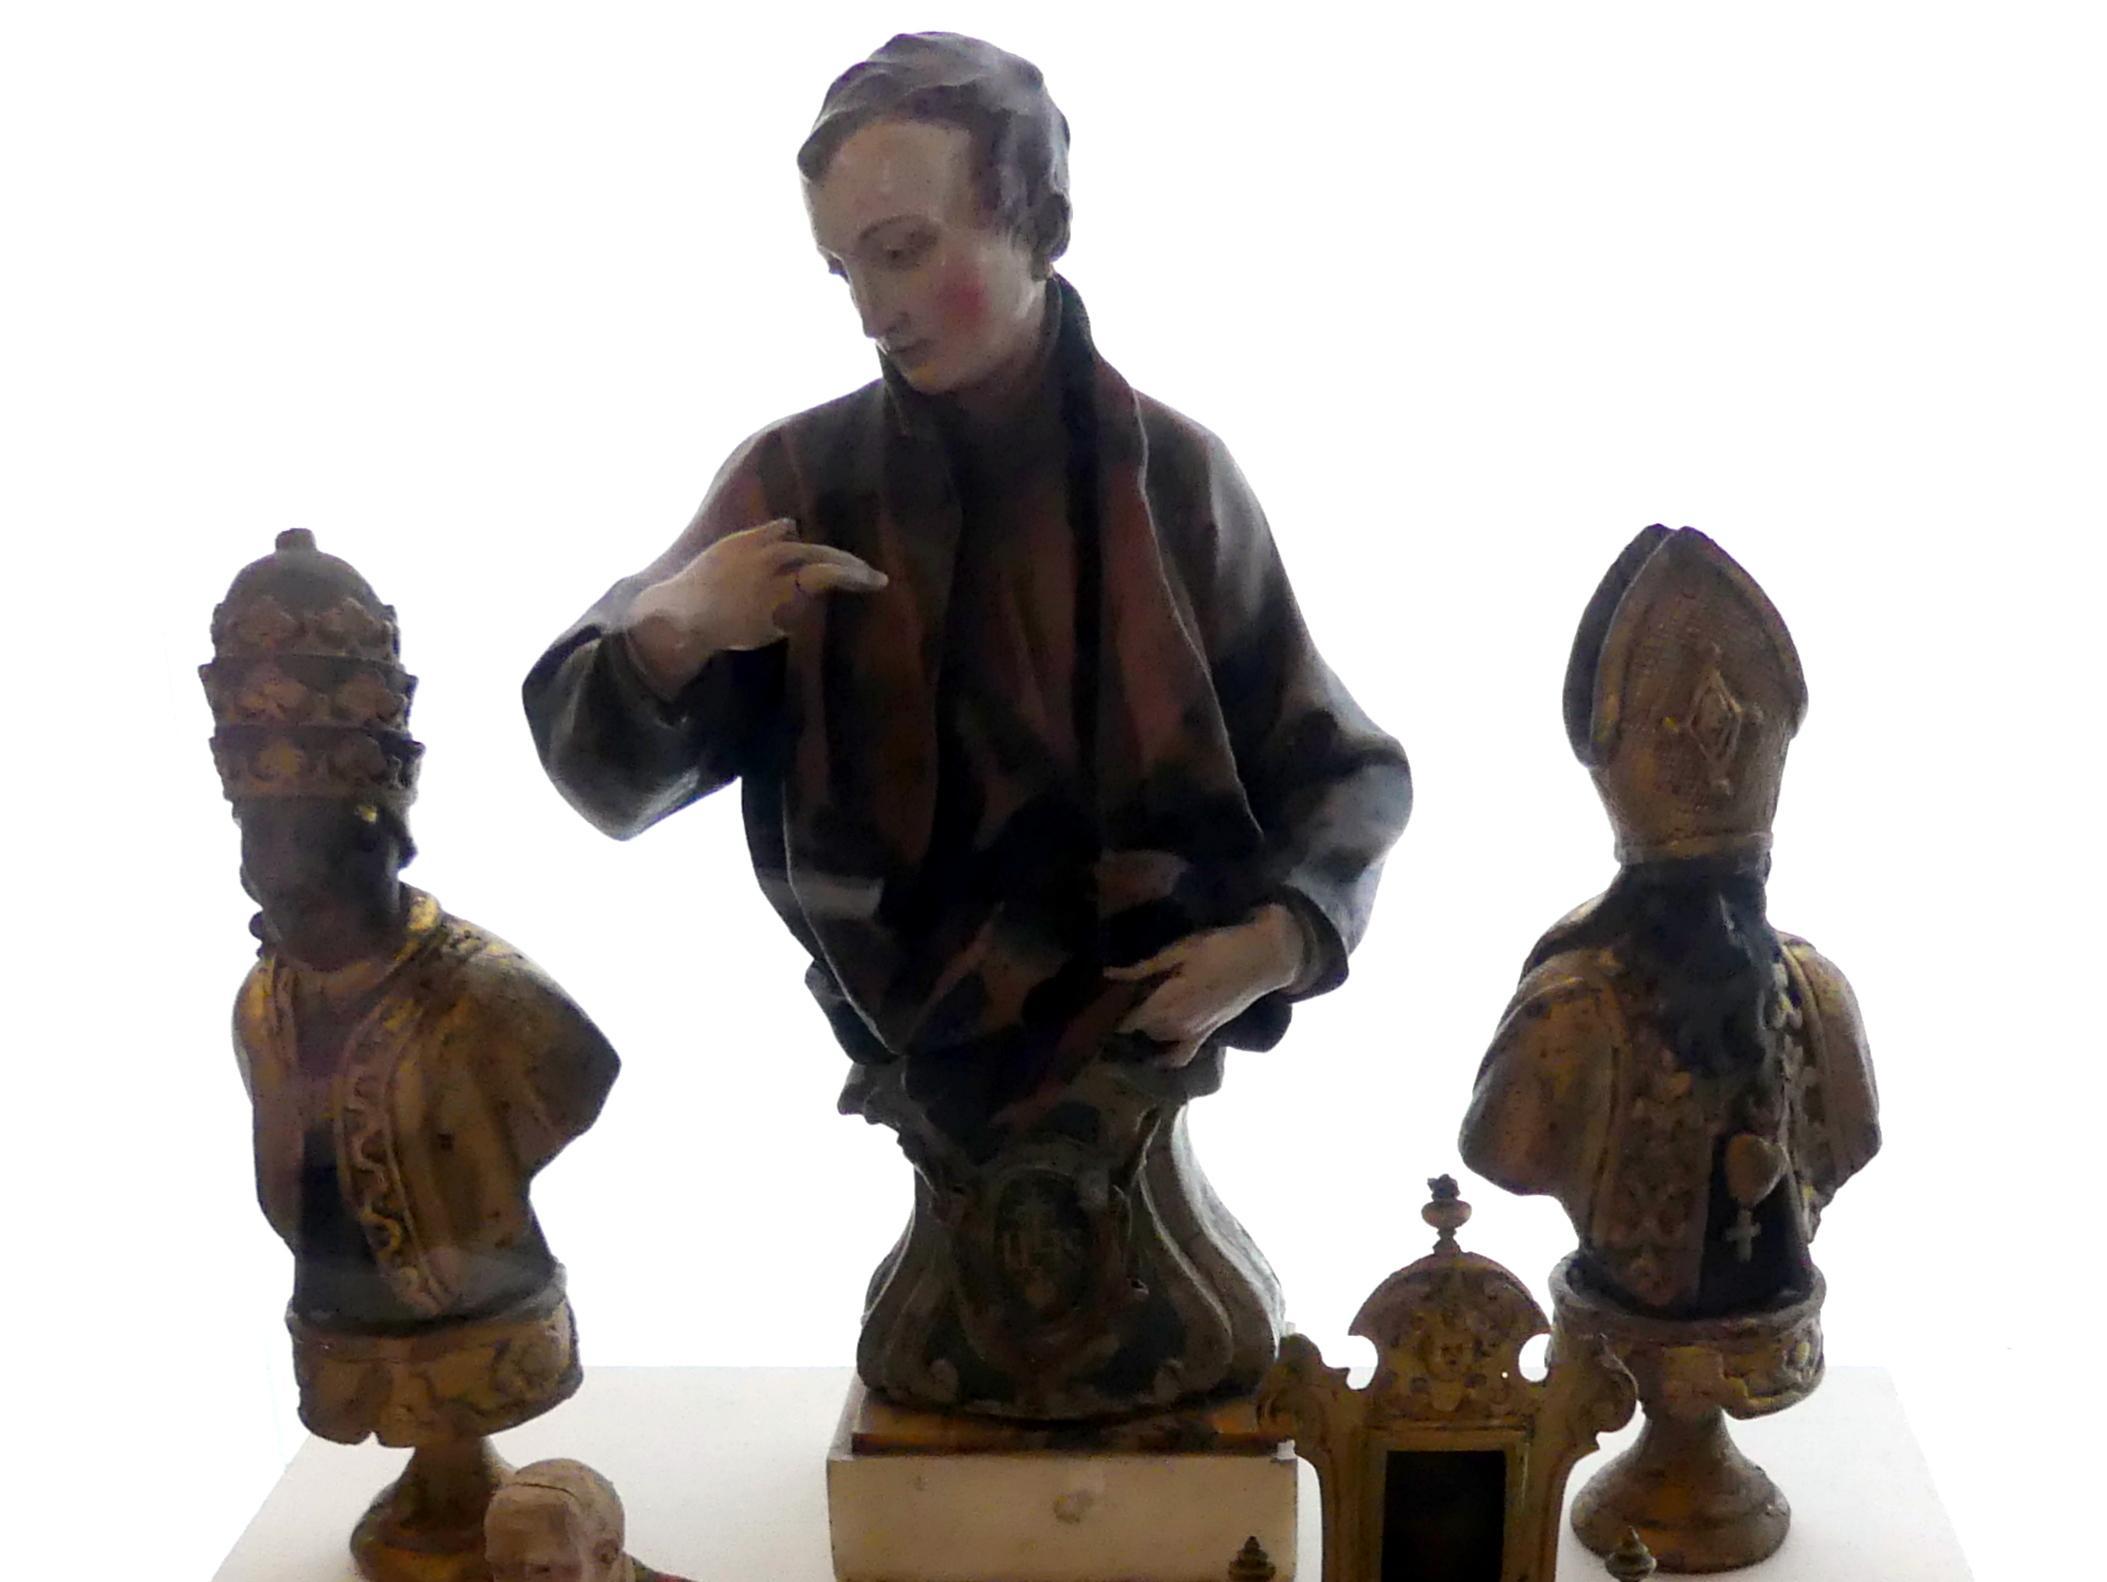 Pierre Le Gros der Jüngere: Modell für eine Halbfigur des hl. Stanislaus Kostka, Undatiert